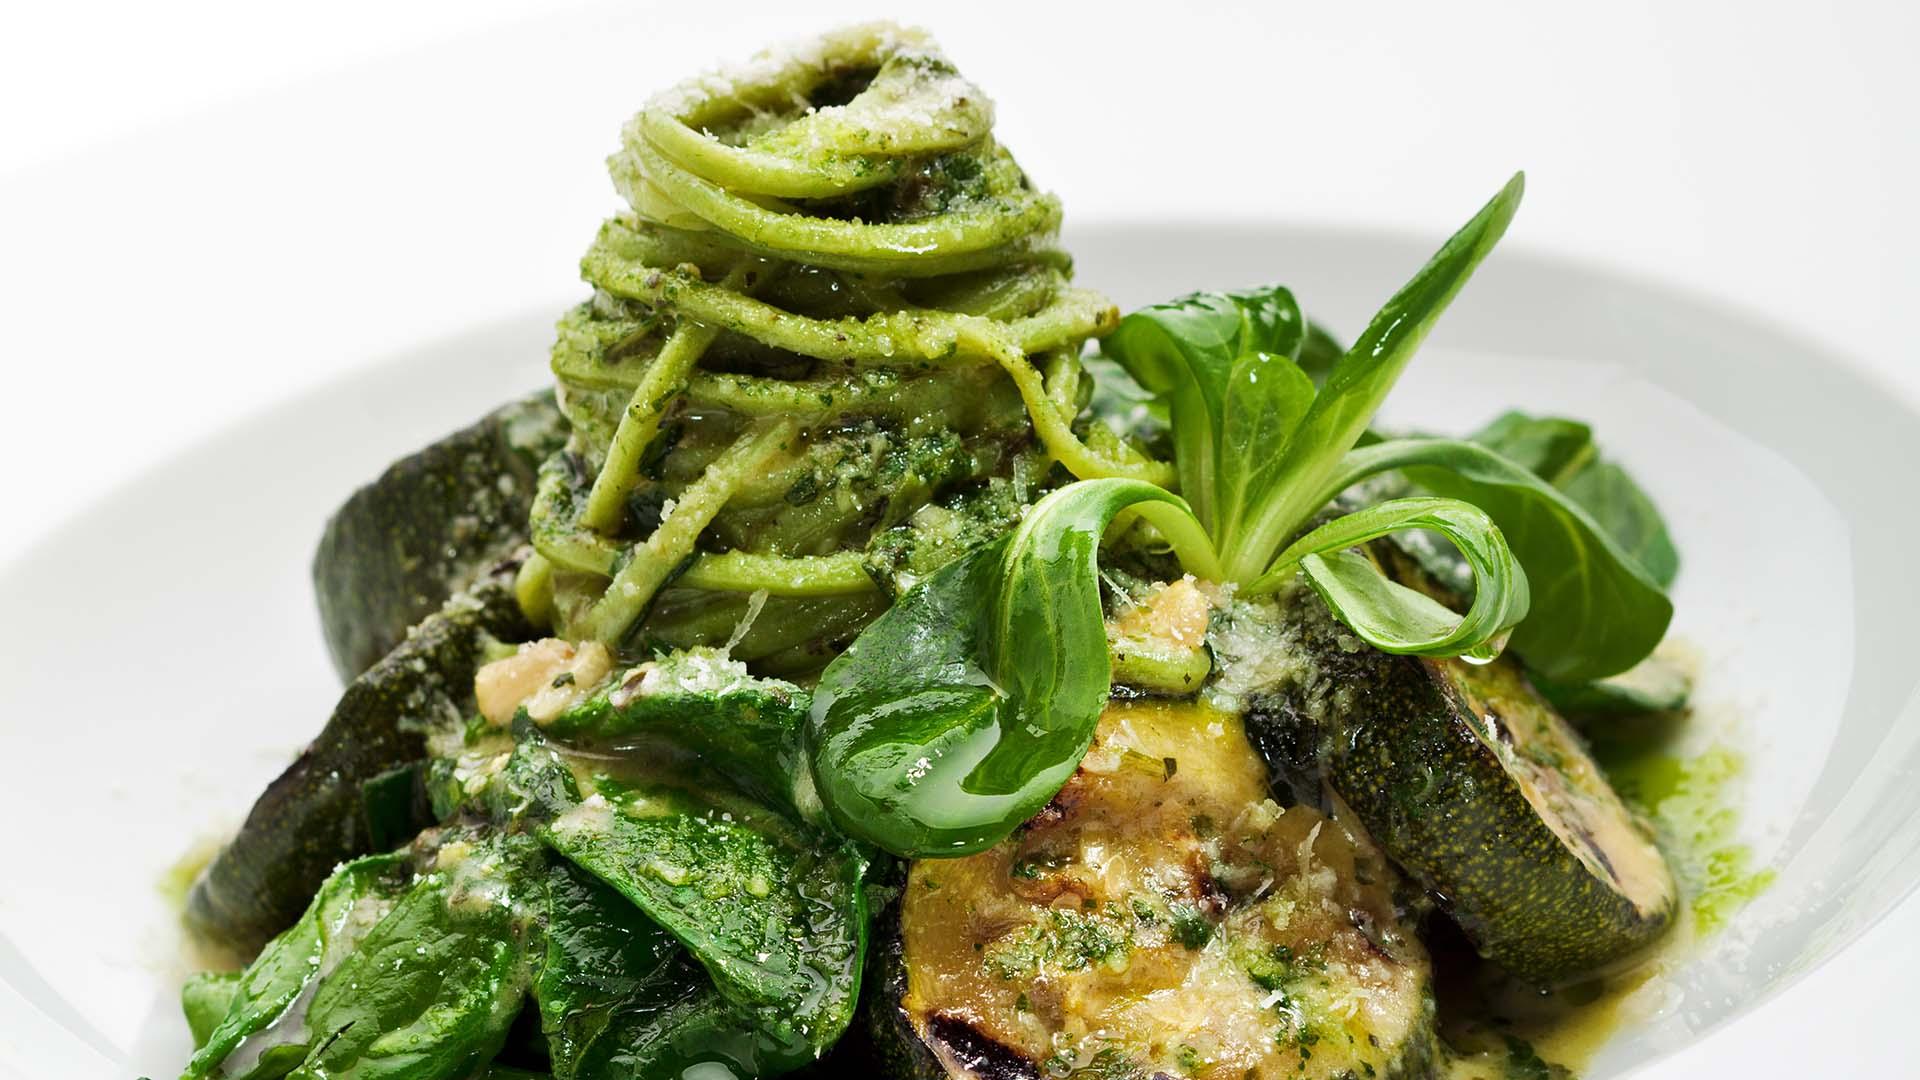 Spaghetti verdi su Fruttaweb.com